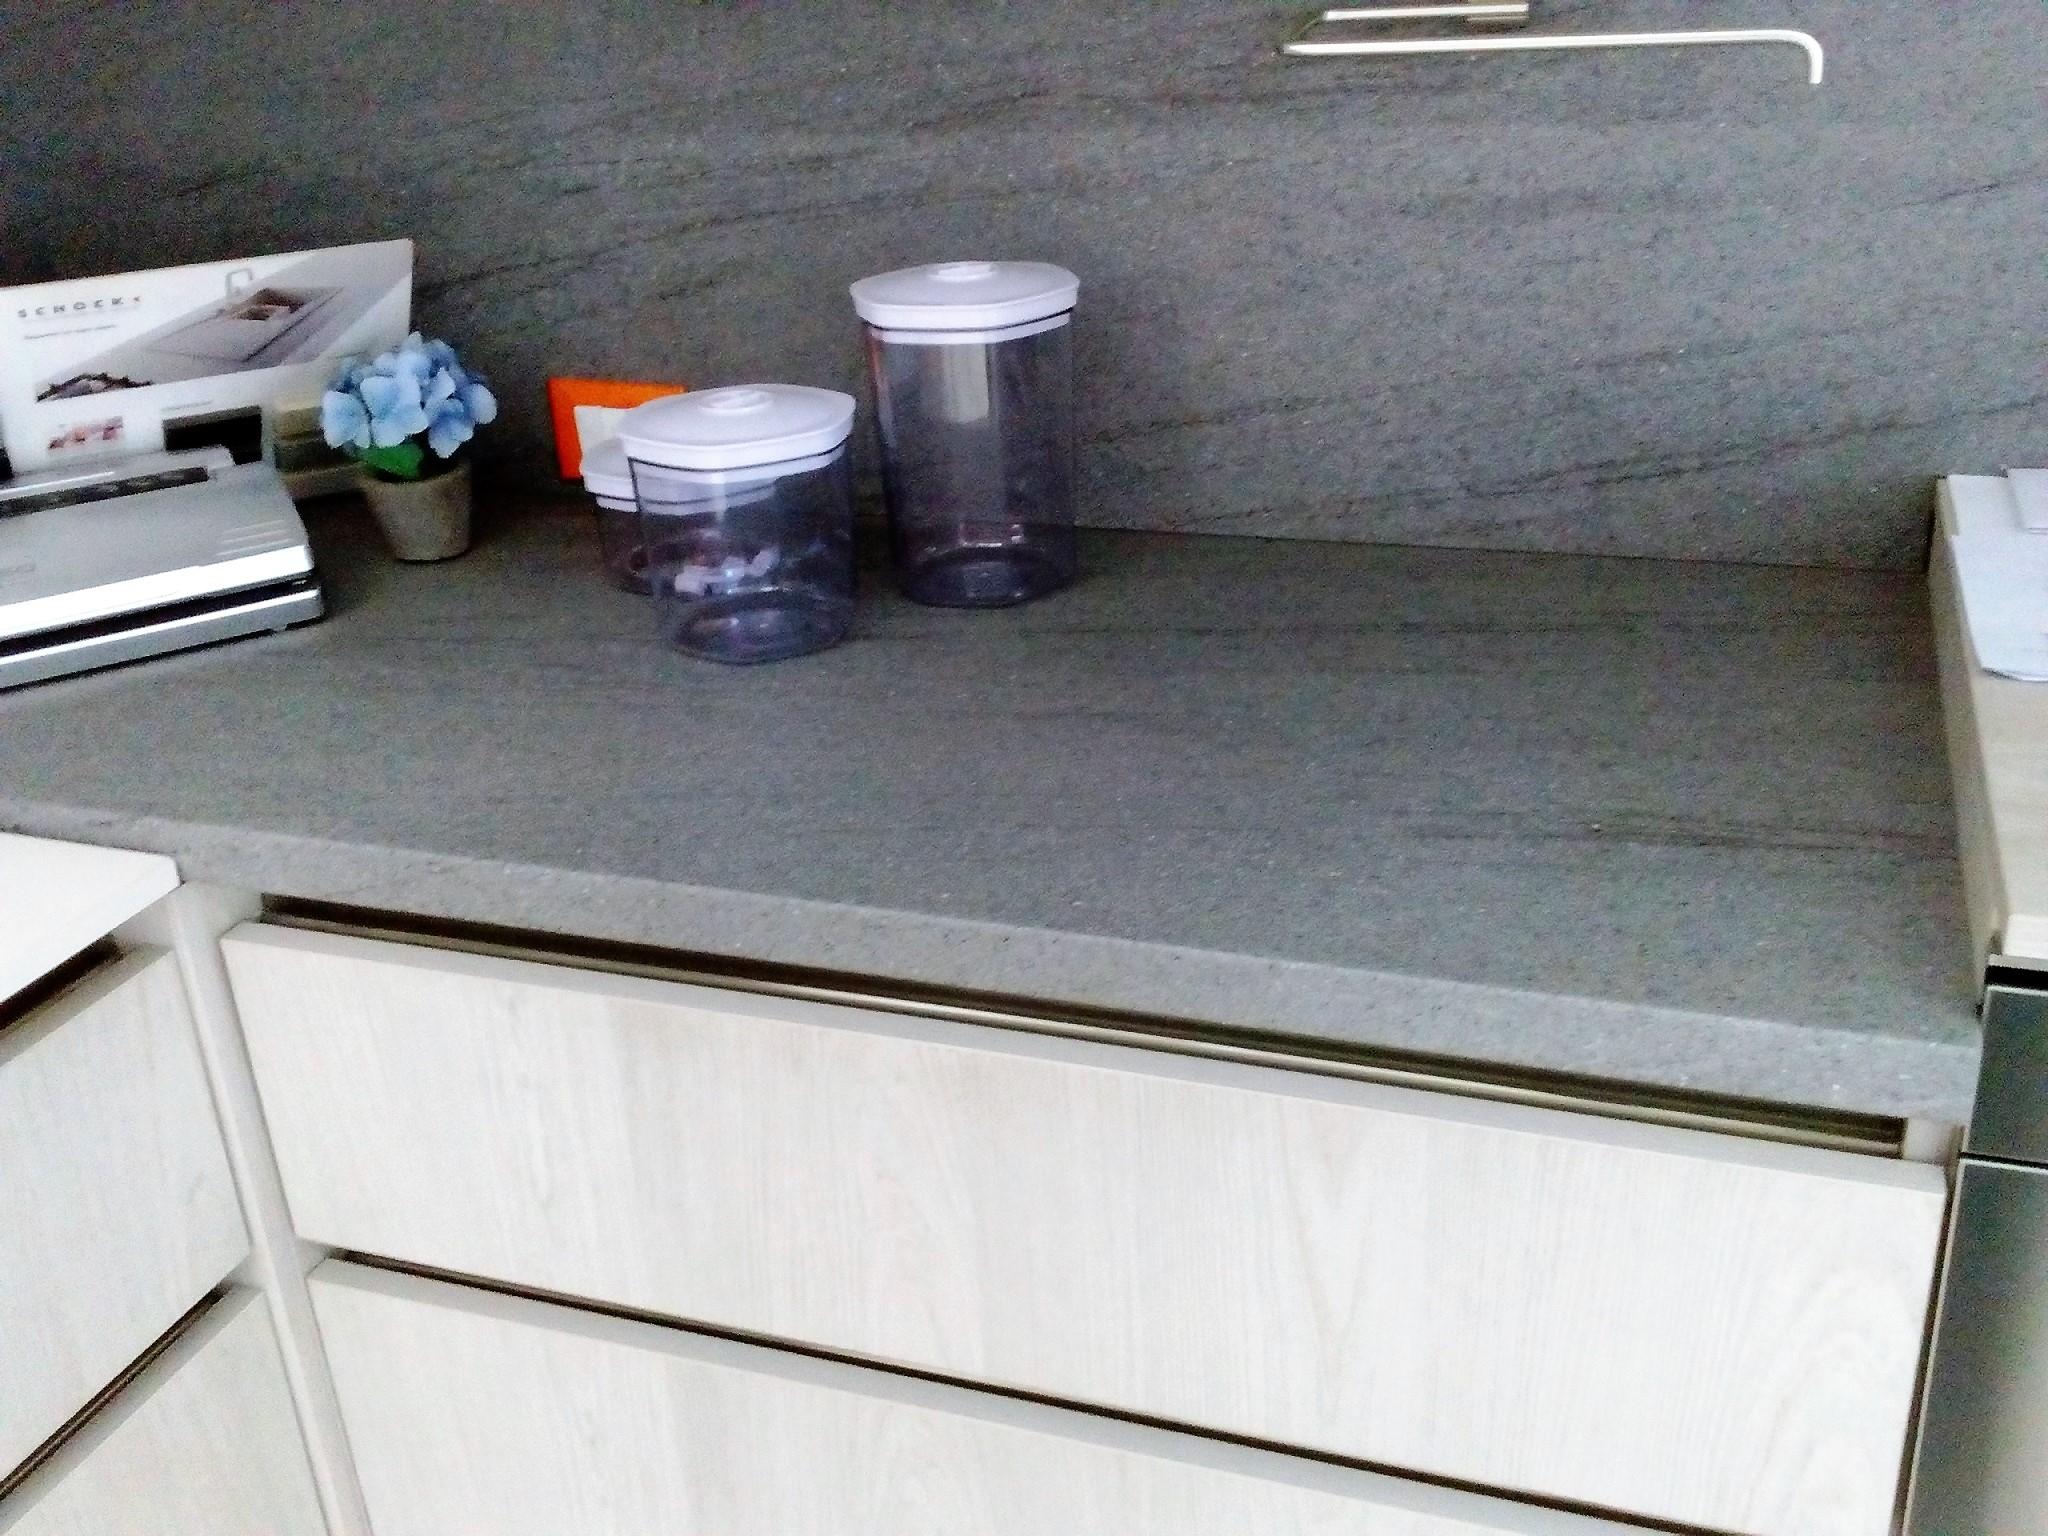 Cucina arredo3 modello wood poro registro scontato del 38 for Arredo 3 wood